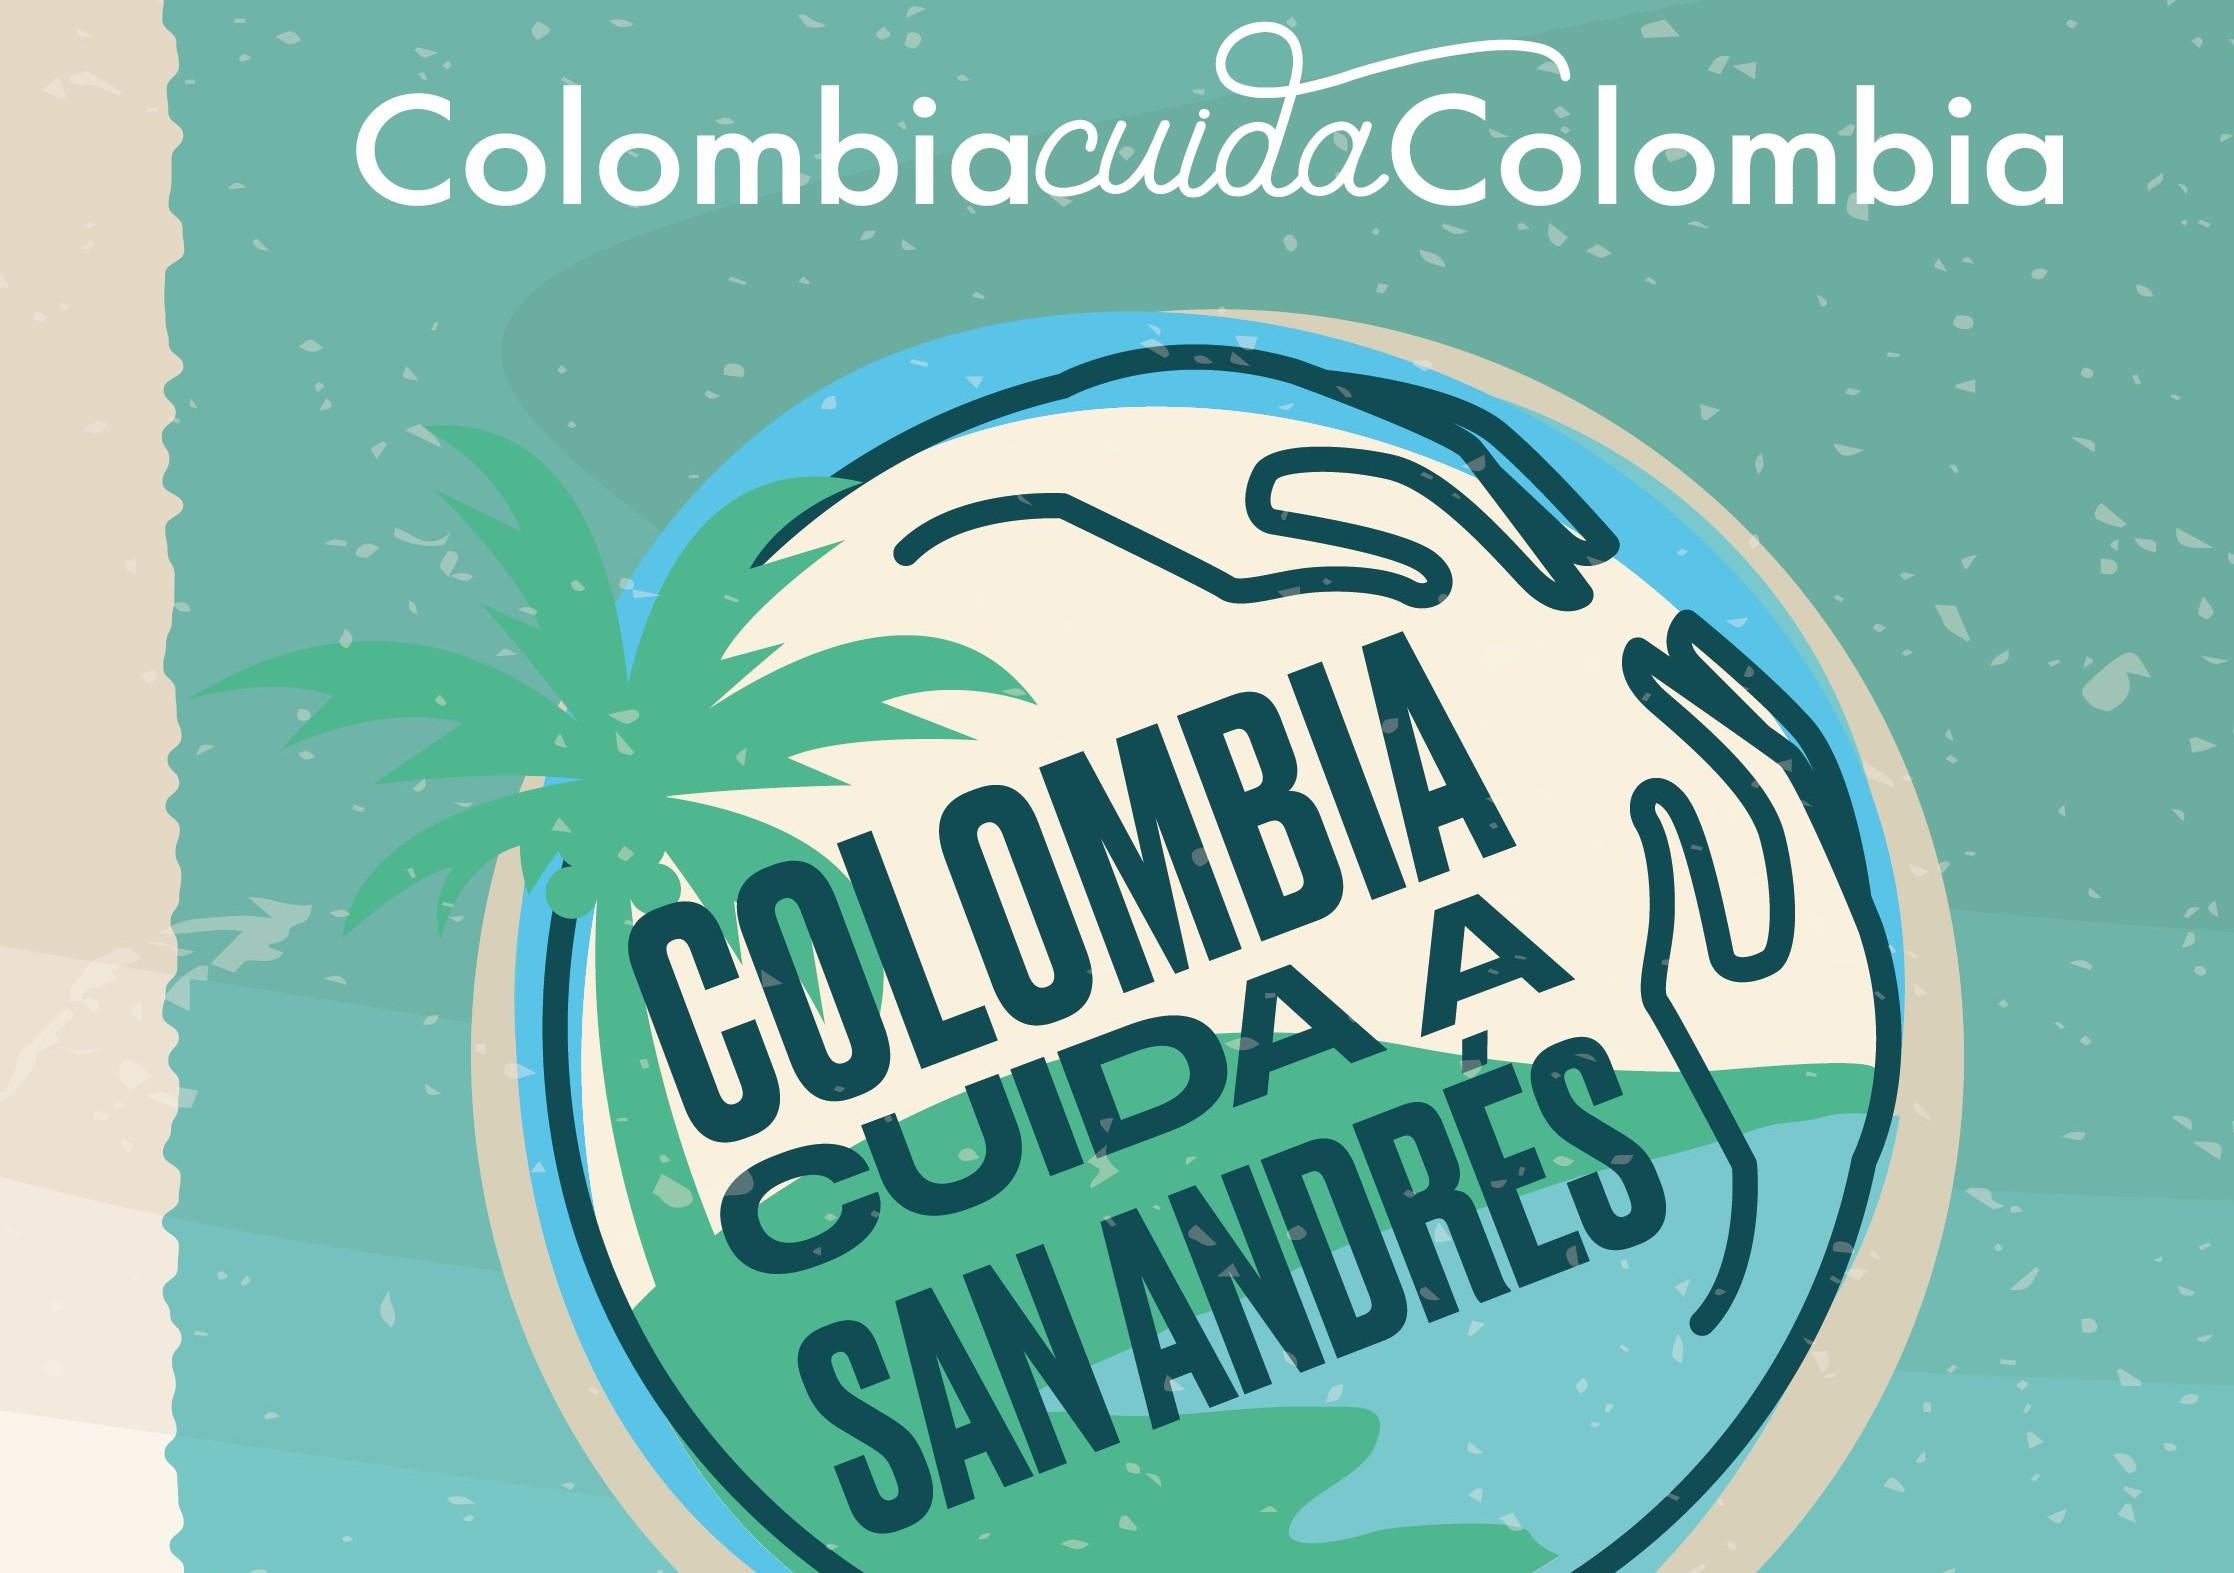 'Colombia Cuida a Colombia' continúa recolectando ayudas para quienes más lo necesitan